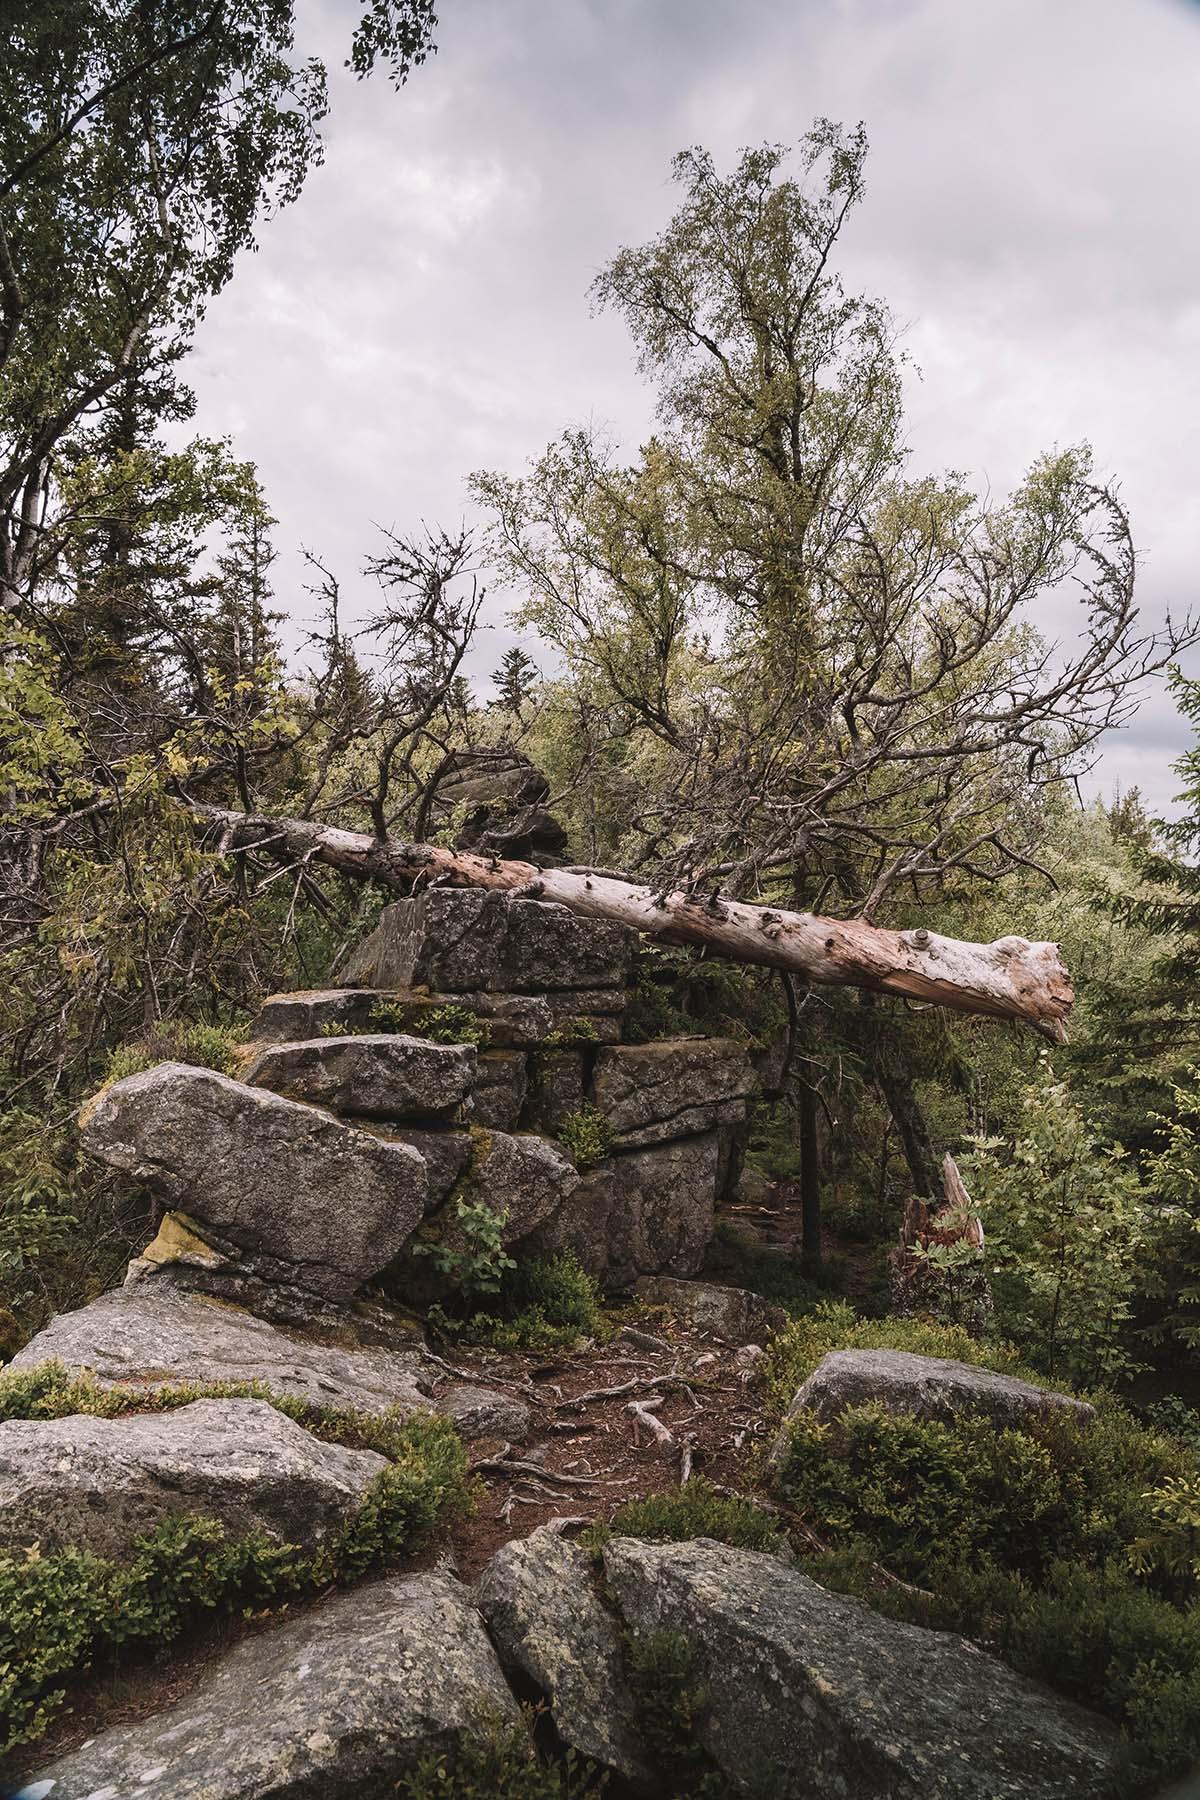 teufelstisch-bischofsmais-felsen-landschaft